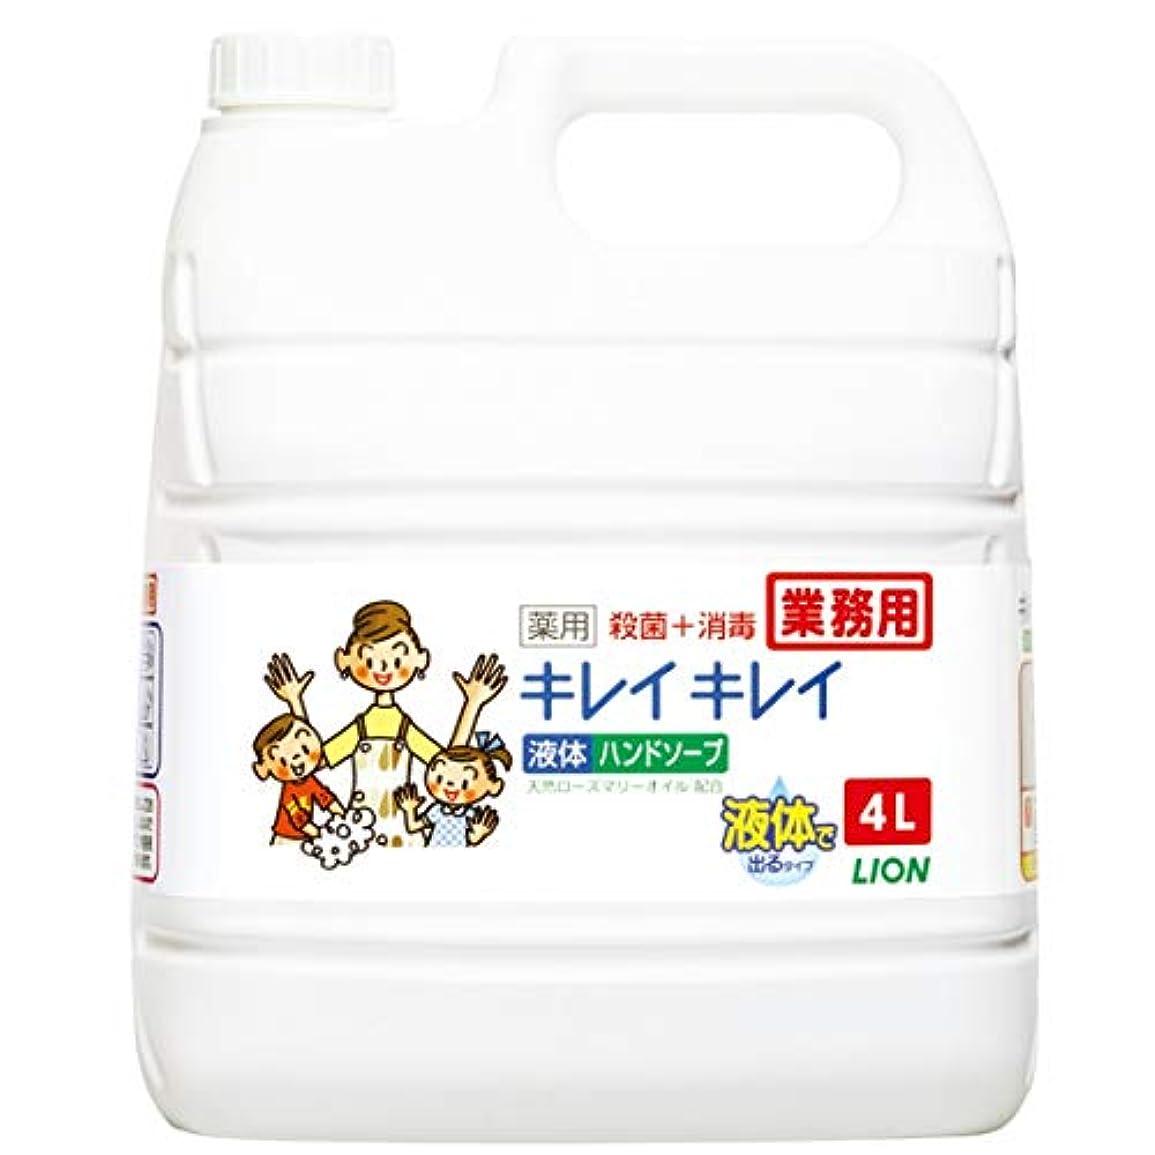 万歳ポインタ封建【業務用 大容量】キレイキレイ 薬用 ハンドソープ  4L(医薬部外品)